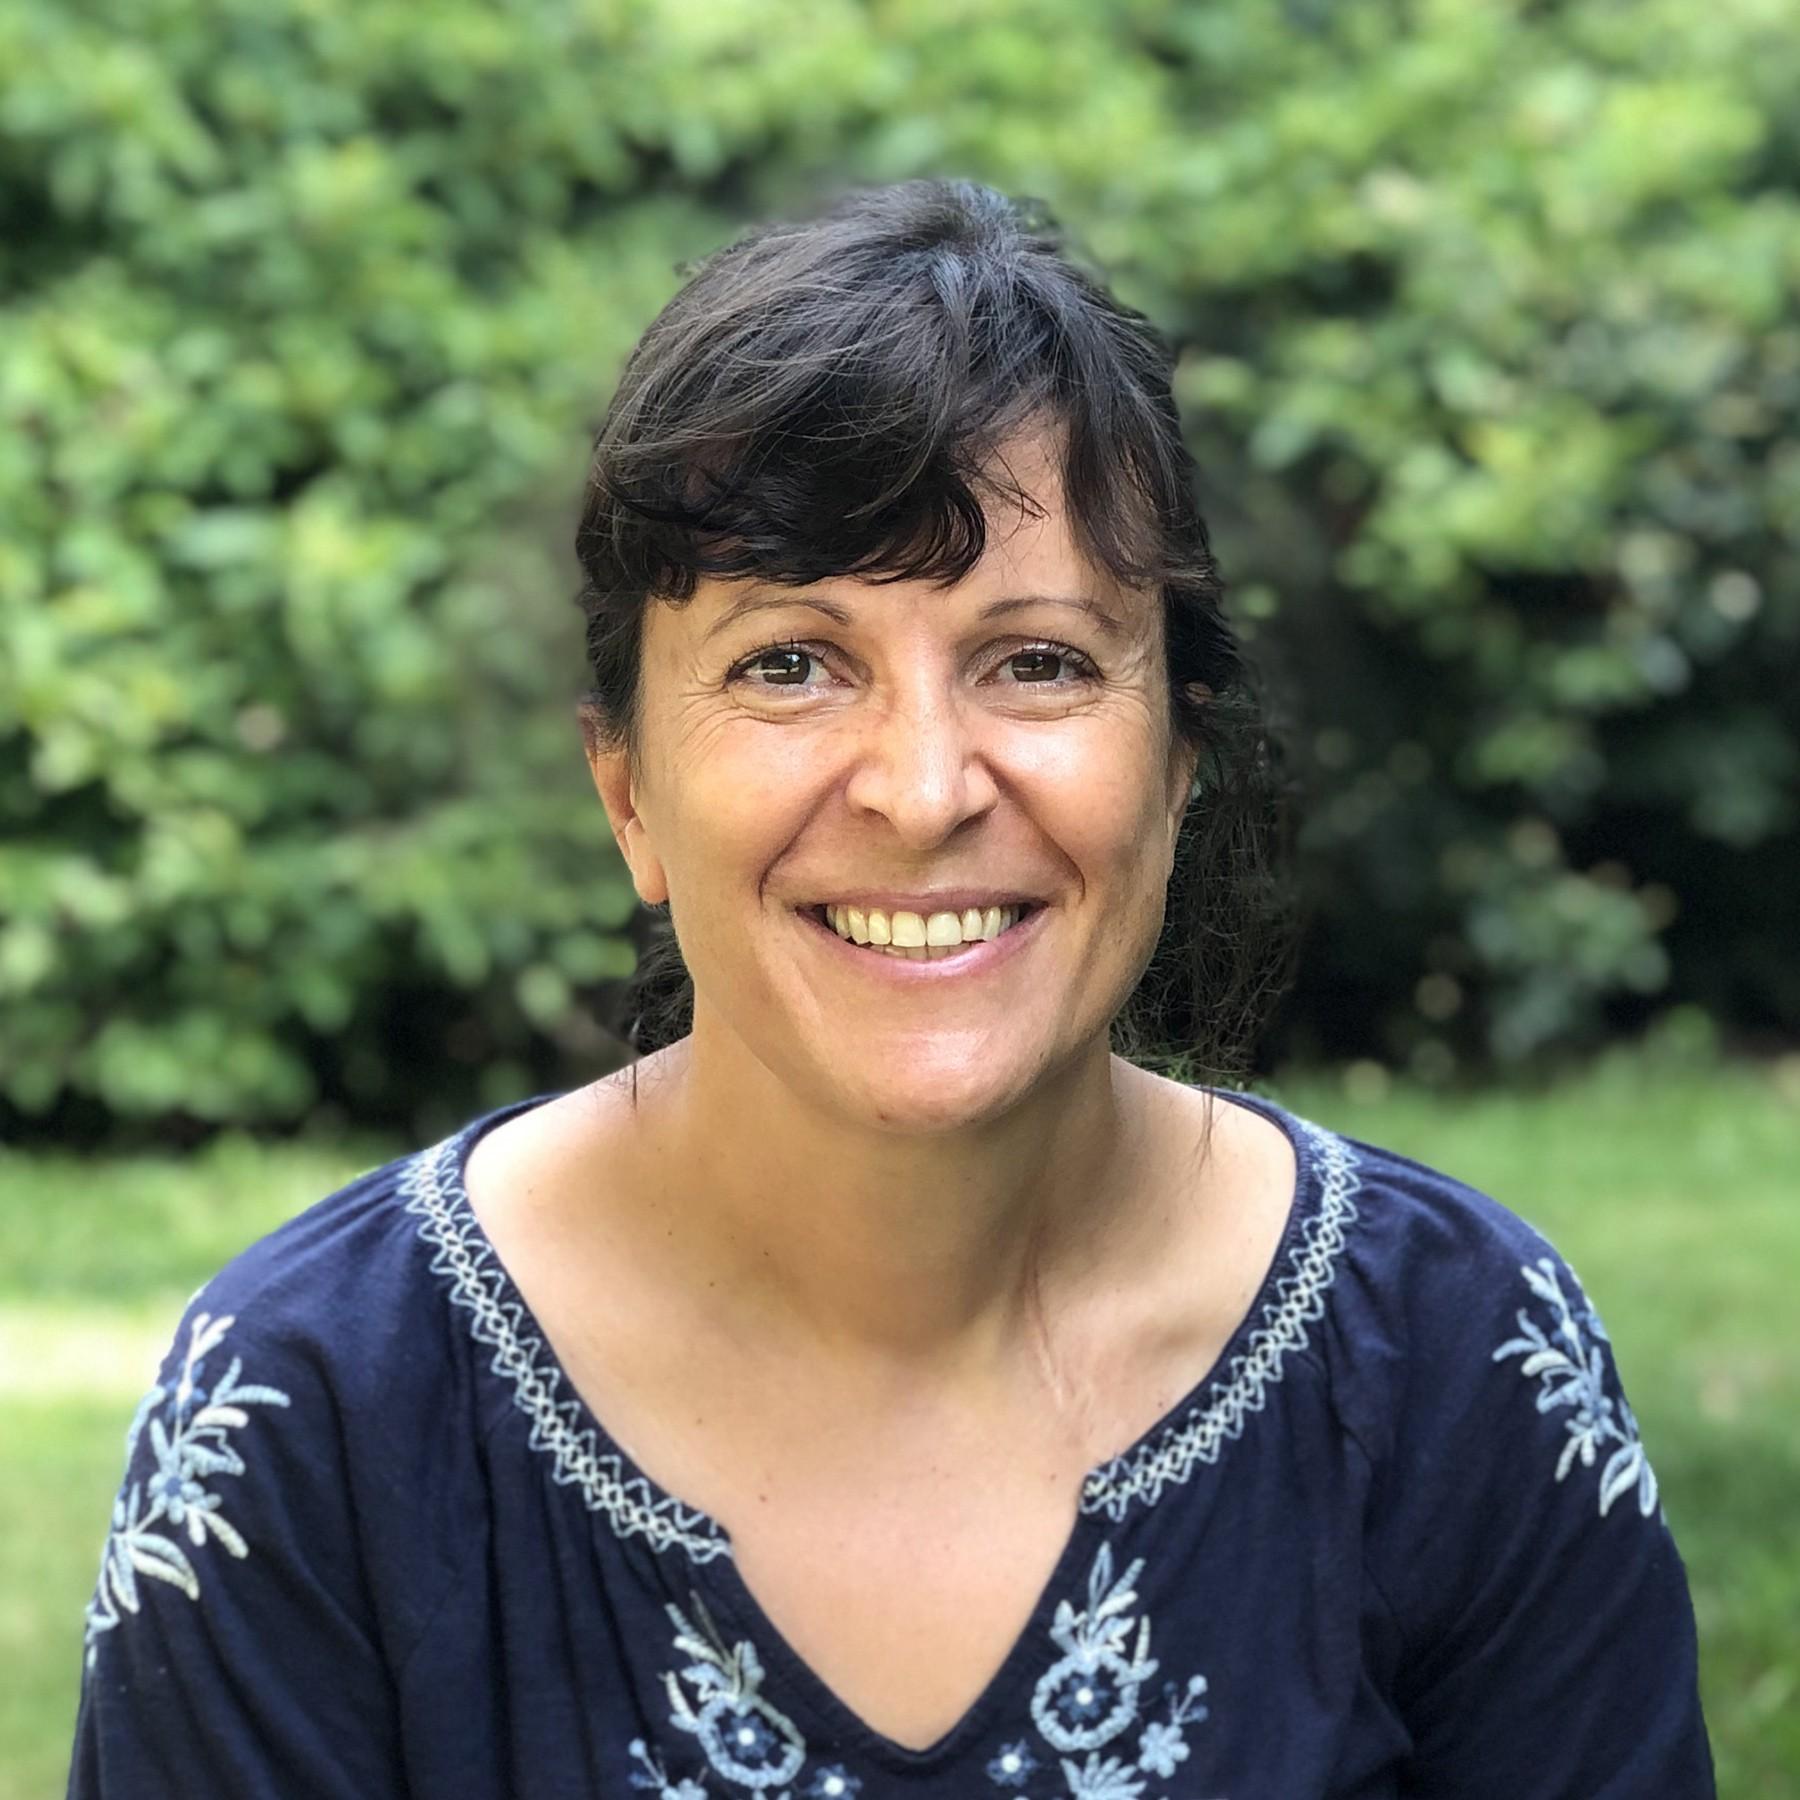 Kate Galbraith